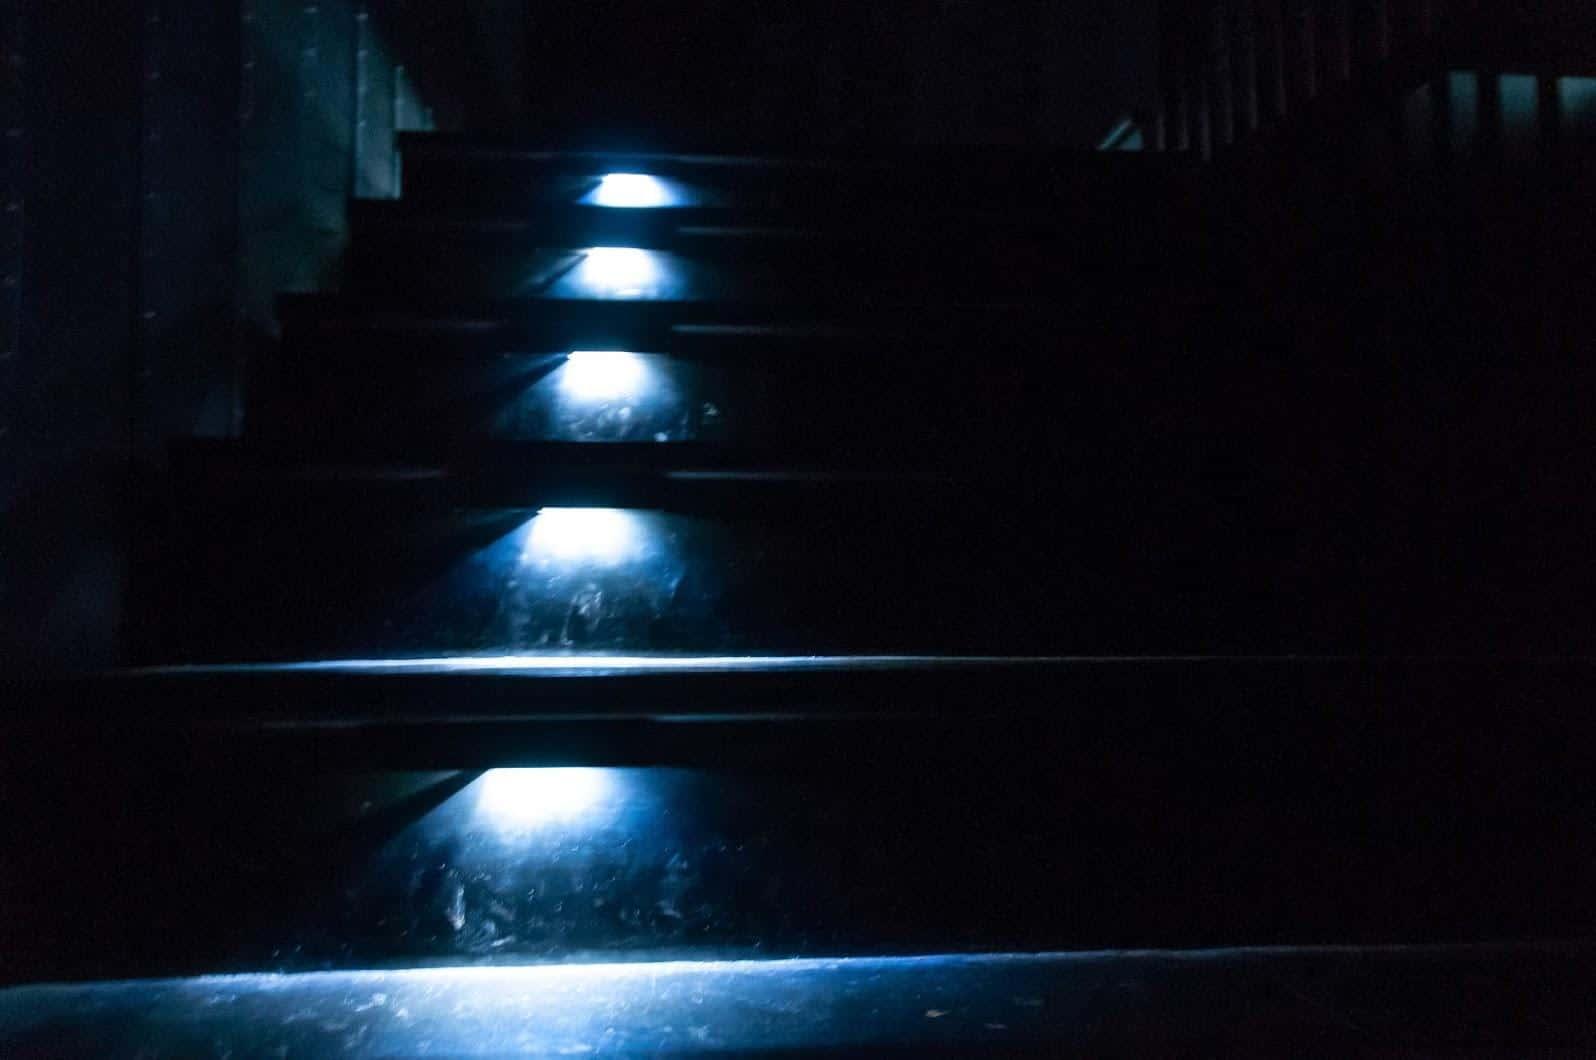 手塚貴晴+手塚由比,十日町市立里山科學館「森林學校」,這個34公尺高的塔頂中的光線,經了解後才知道是透過特殊結構設計讓自然光線進入,非透過電源進行照明十分環保 十日町市立里山科學館 十日町市立里山科學館/森林學校 echigo matsunoyama museum of natural science 18